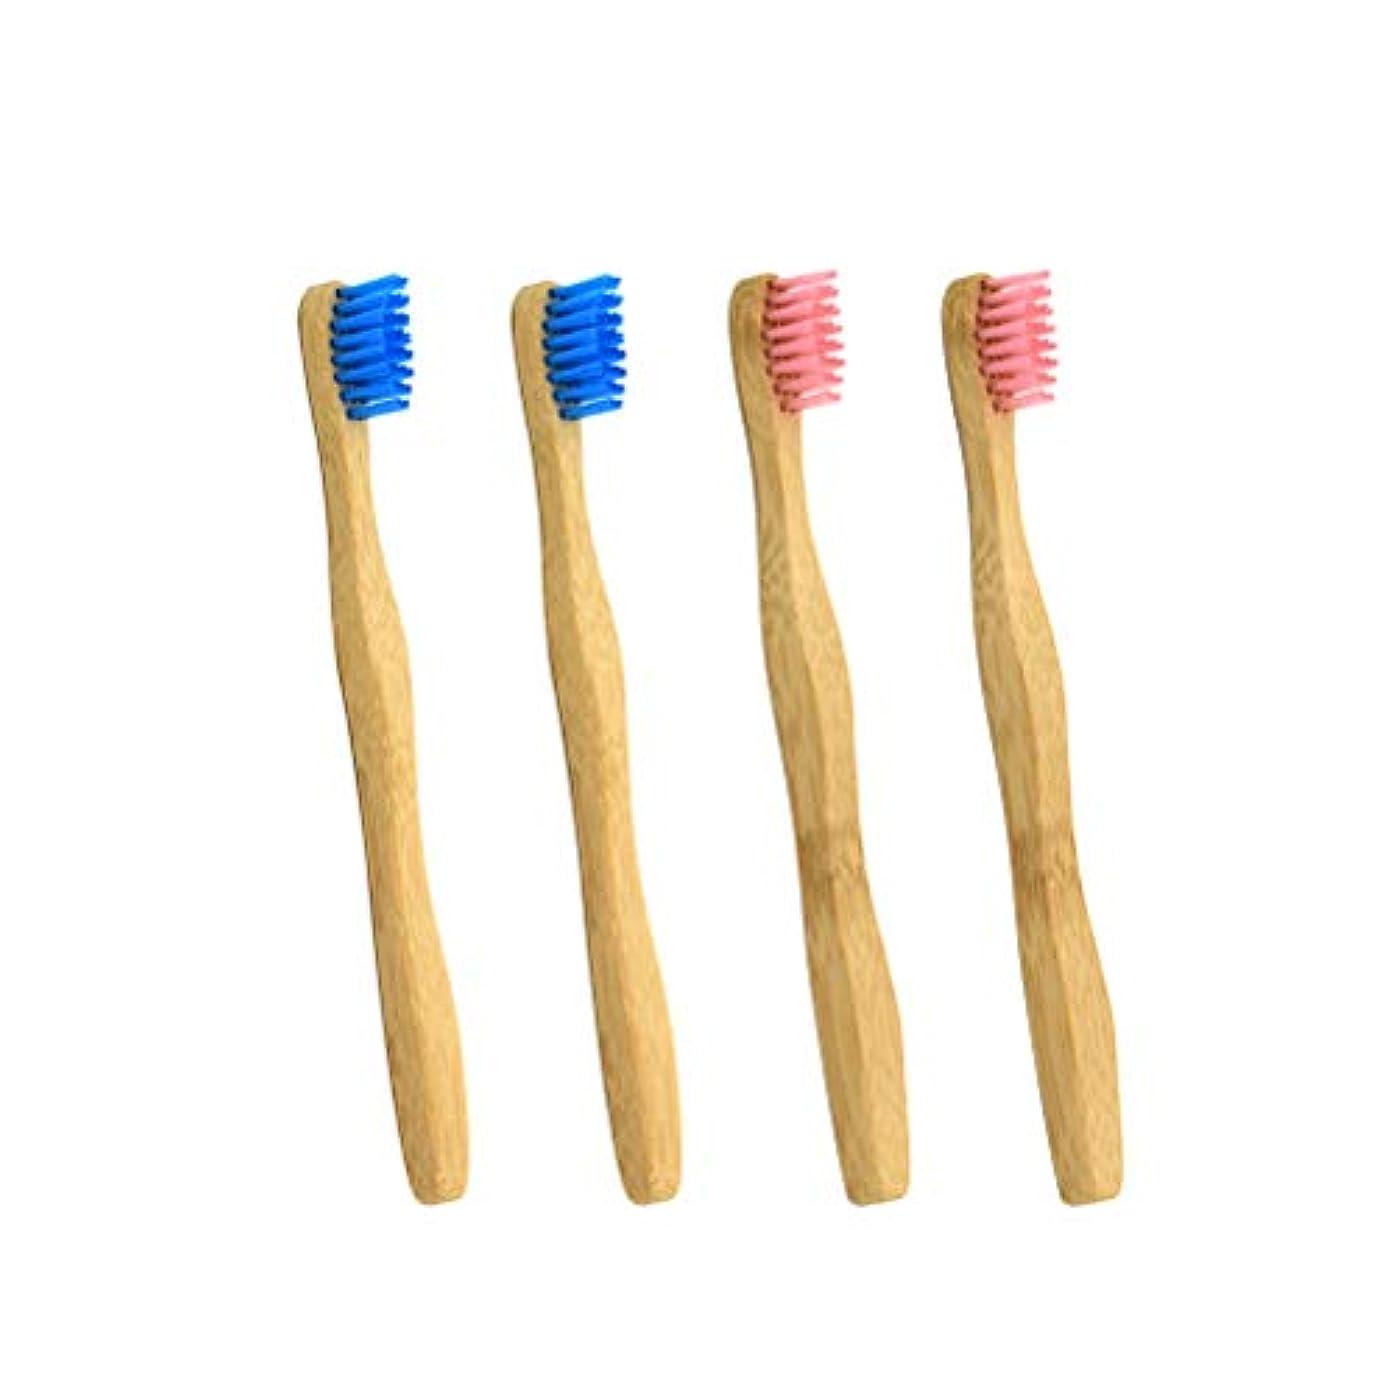 分散見る人センチメンタルHEALIFTY 子供の竹の歯ブラシ環境に優しい抗菌性の子供の歯ブラシ4本